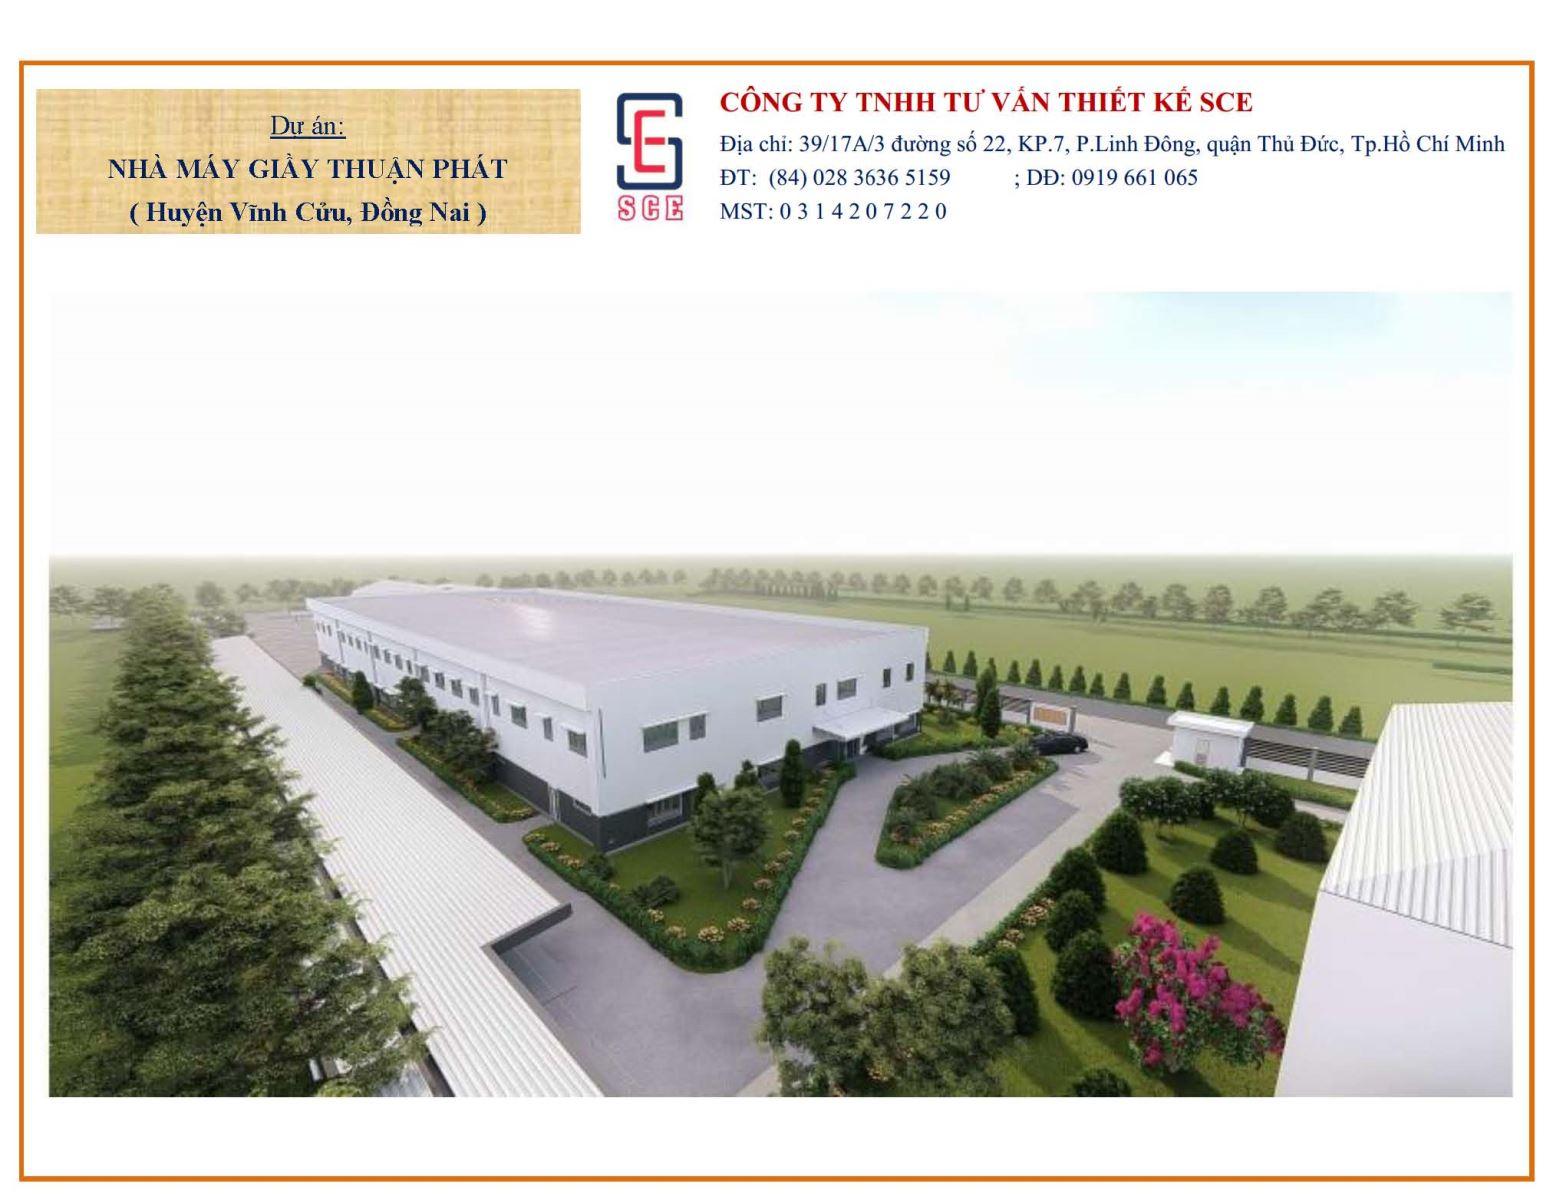 Nhà máy Giày Thuận Phát